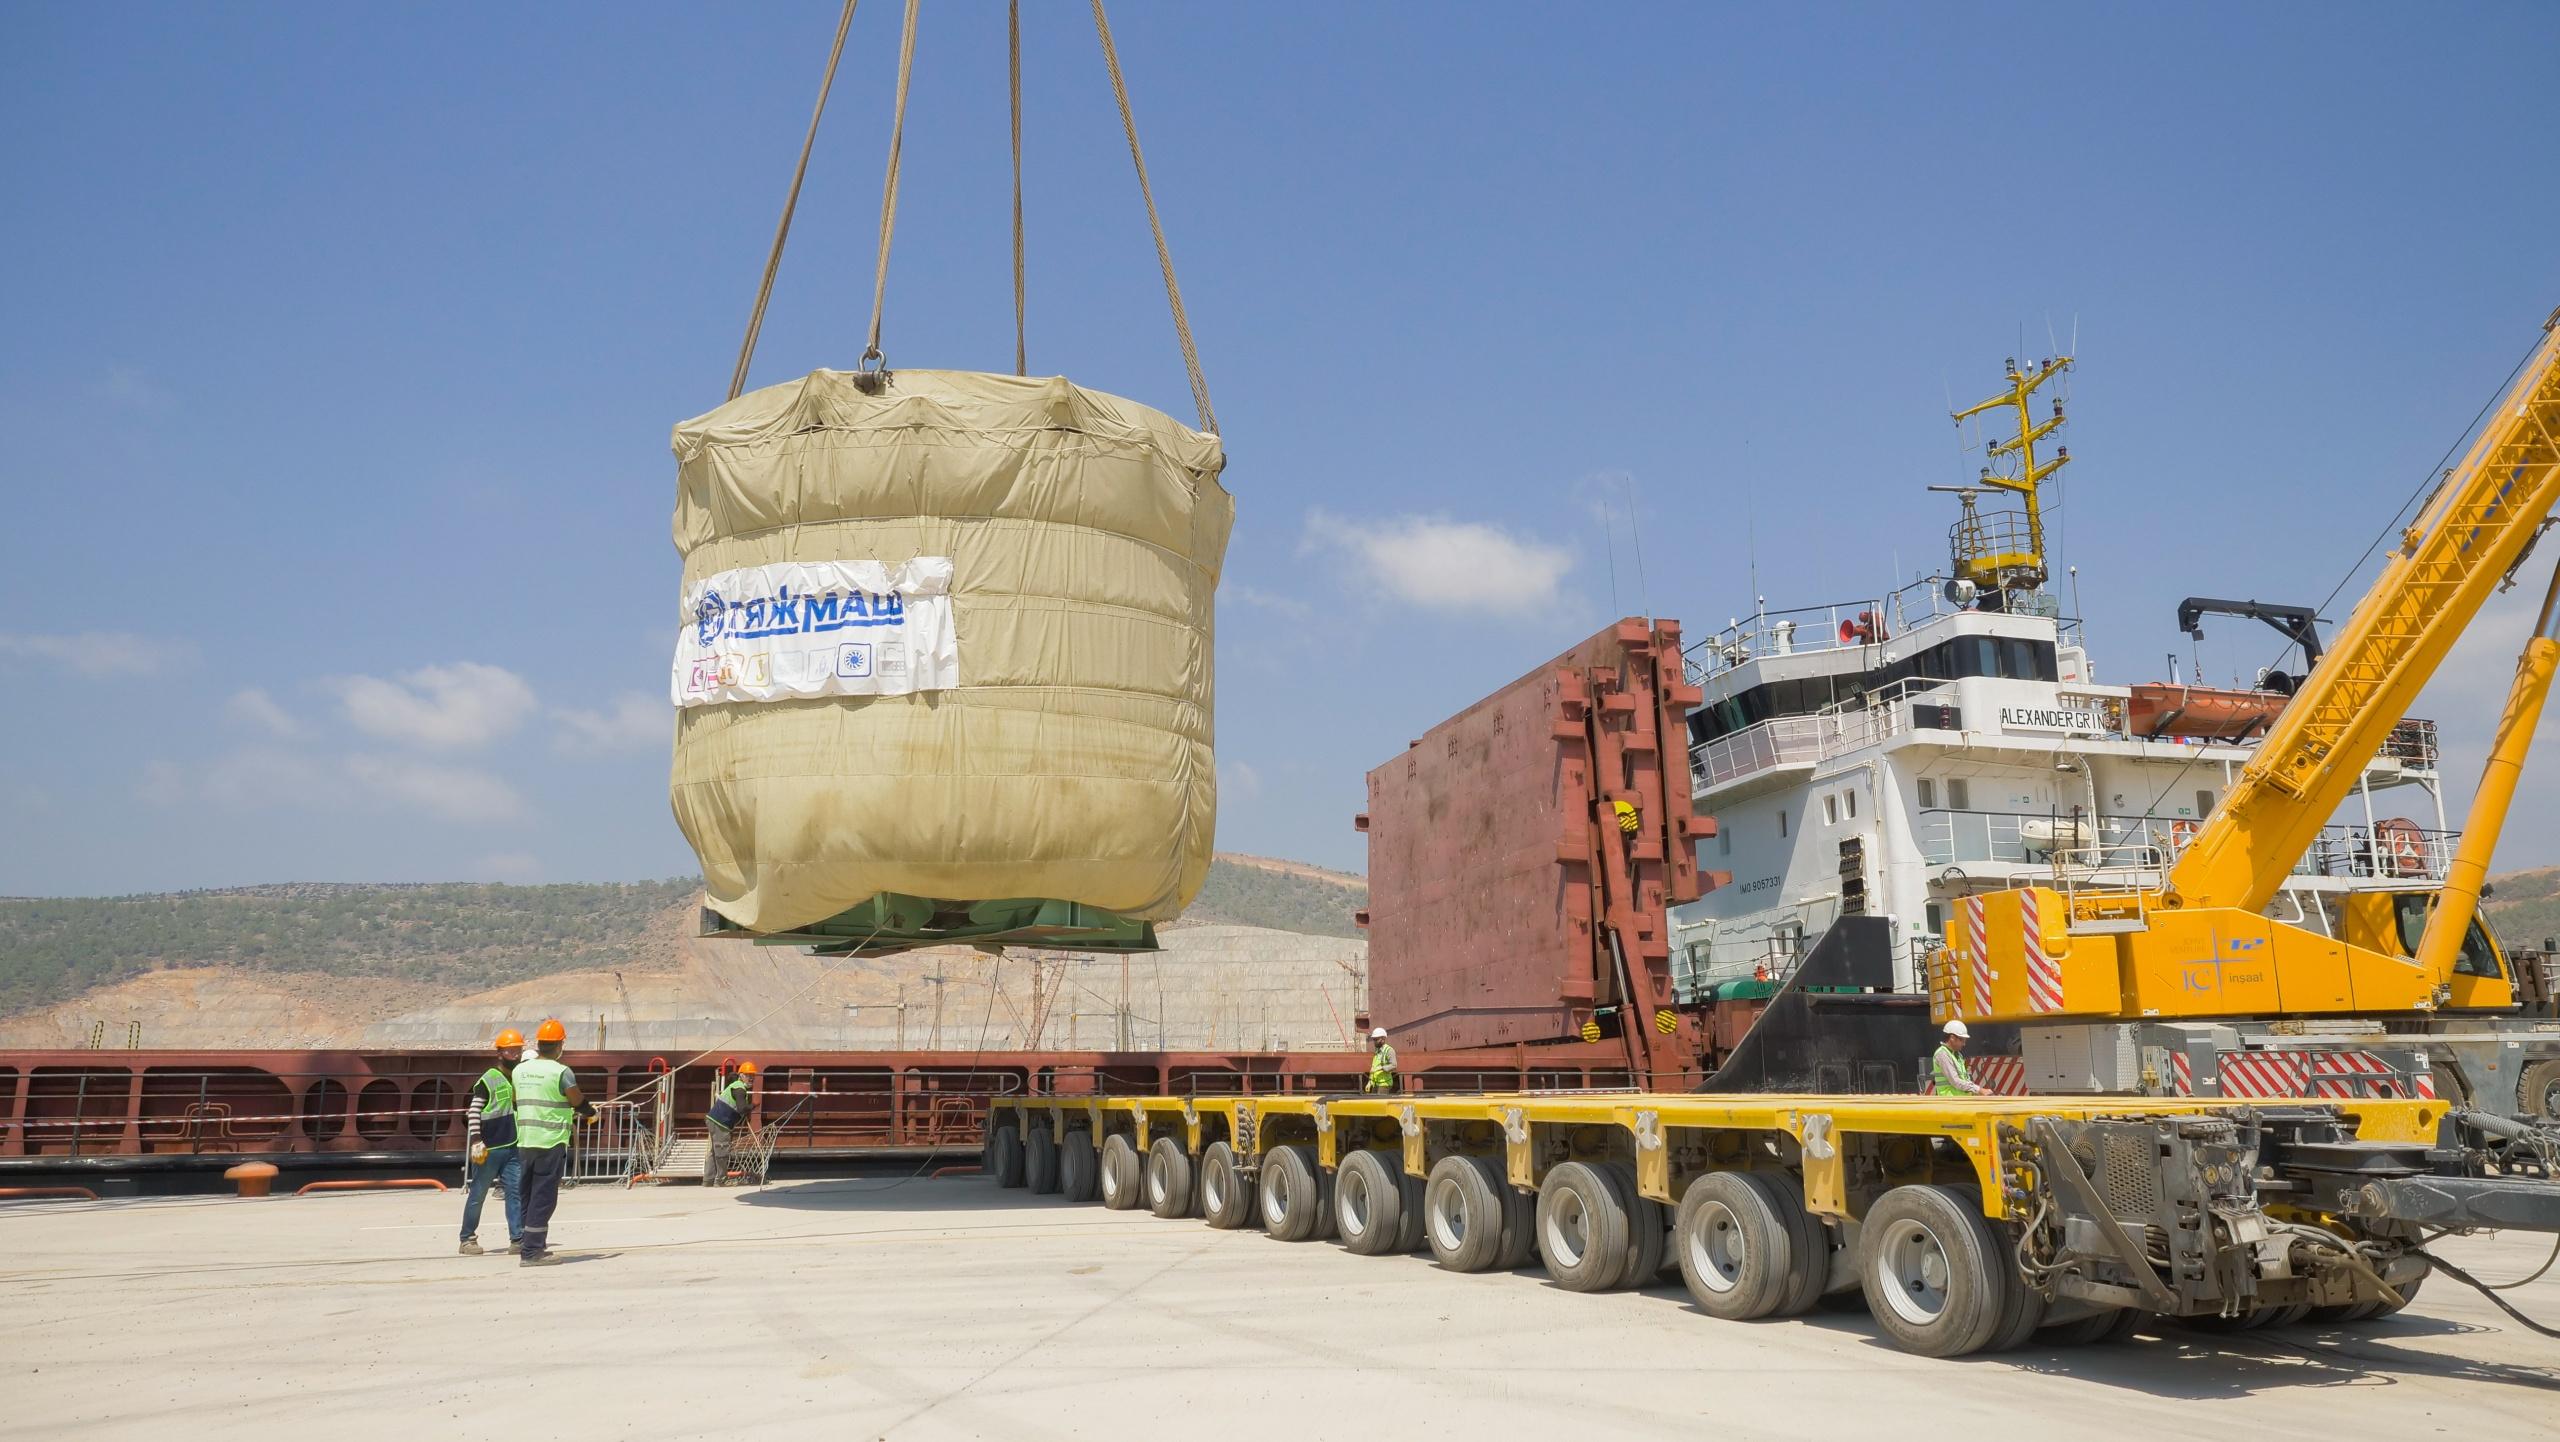 jaderná energie - Do turecké JE Akkuyu byl doručen lapač taveniny pro 2. blok - Nové bloky ve světě (Skládání lapače taveniny z lodi v JE Akkuyu 02 1) 4